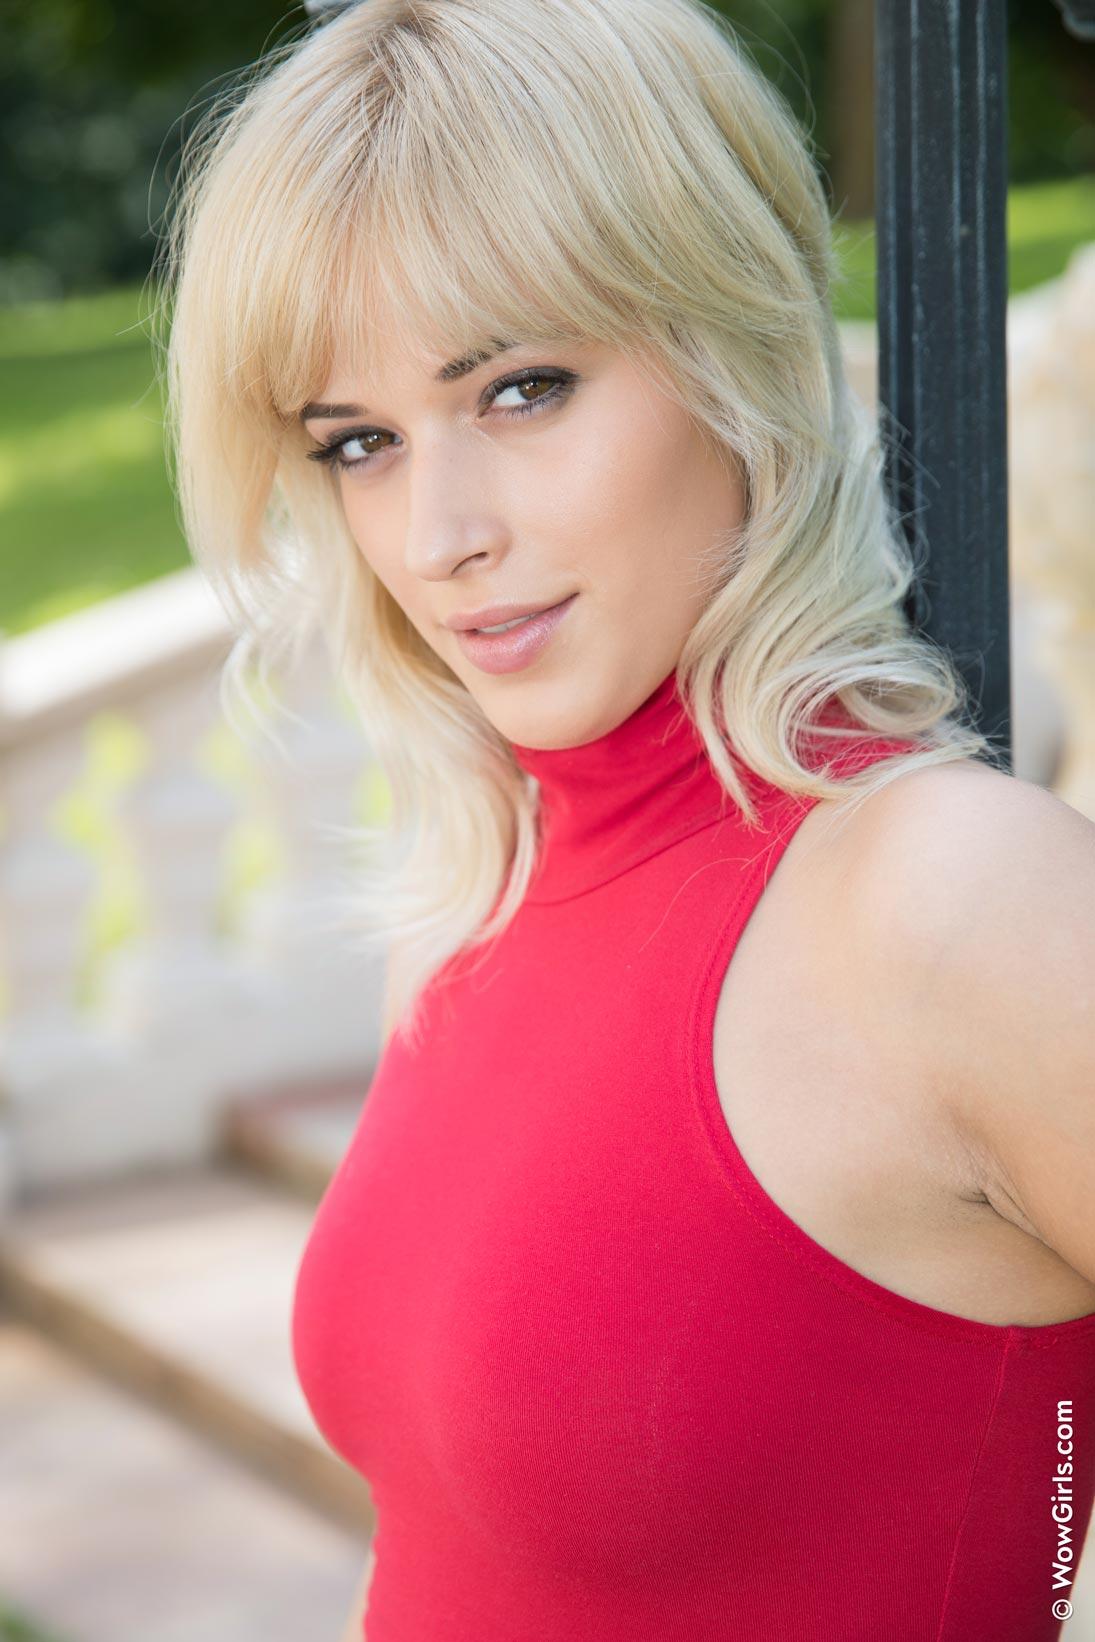 Laura orsolya hd